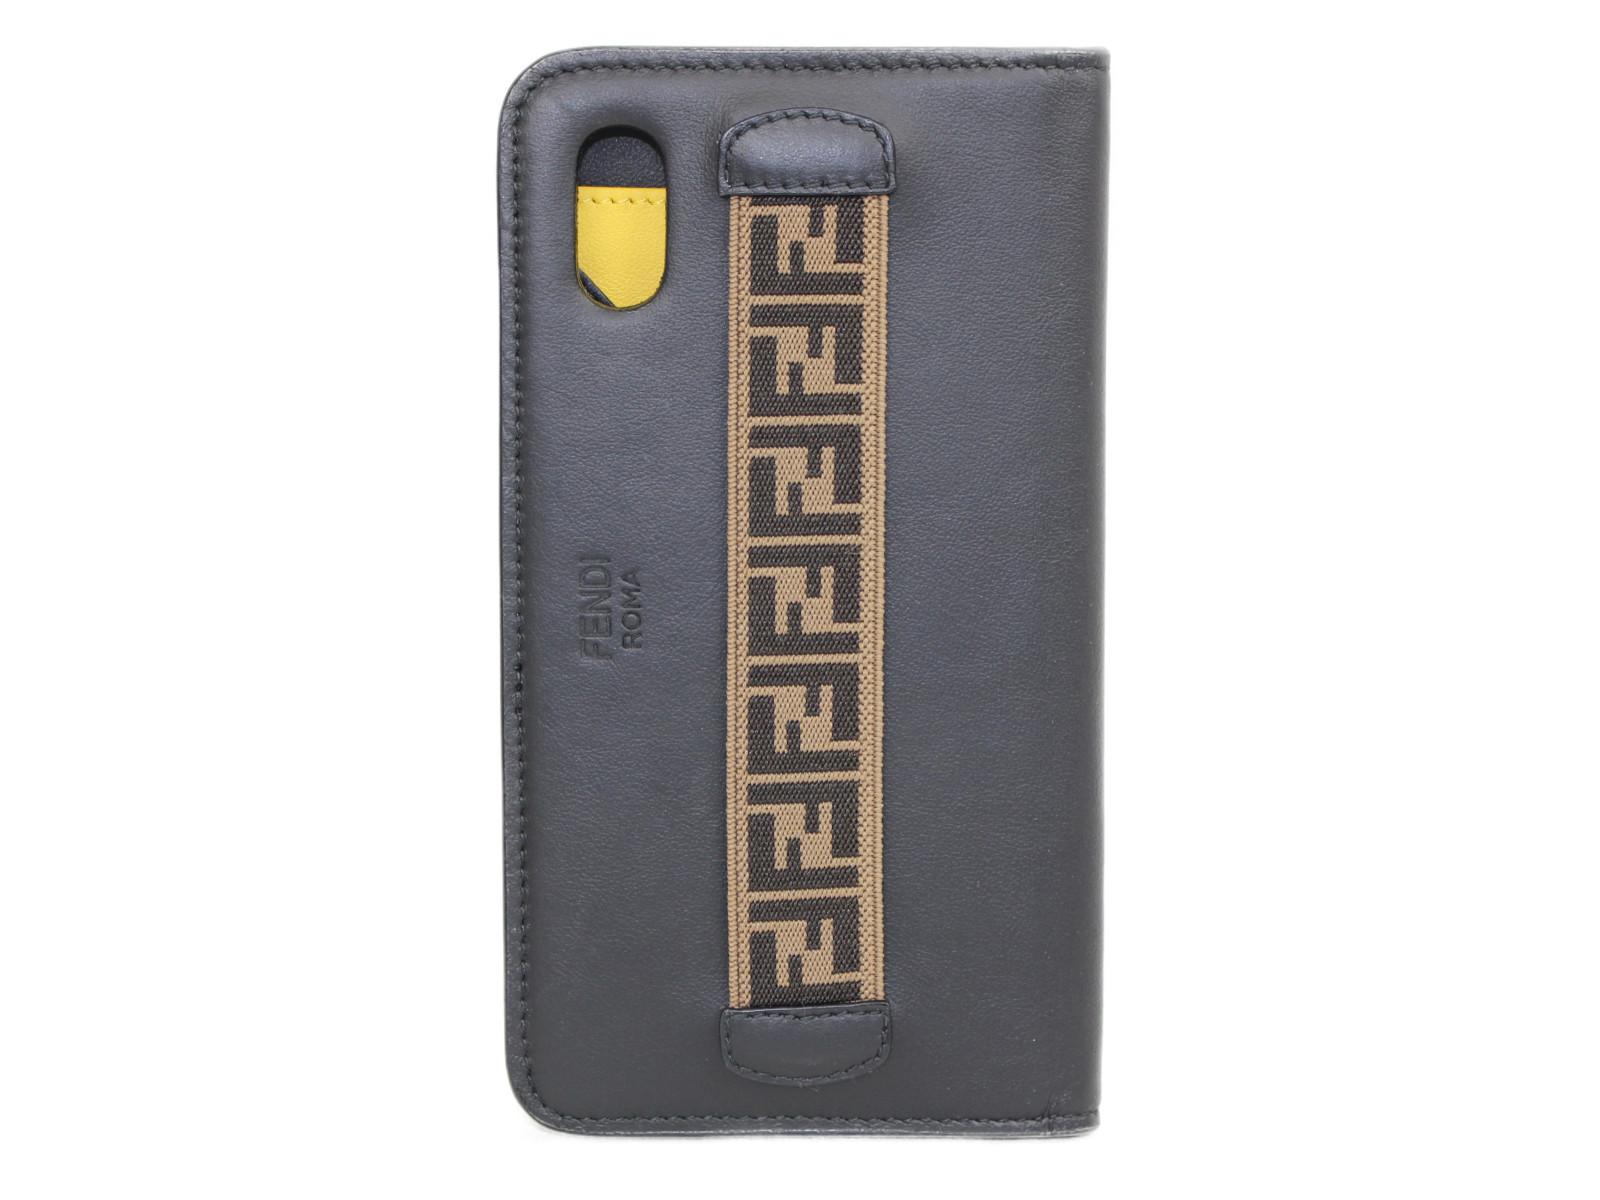 FENDI iphone X ケース  ブラック ブラウン イエロー レザー レディース メンズ ユニセックス スマホ カバー アイホン アイフォン アクセサリー 小物【中古】